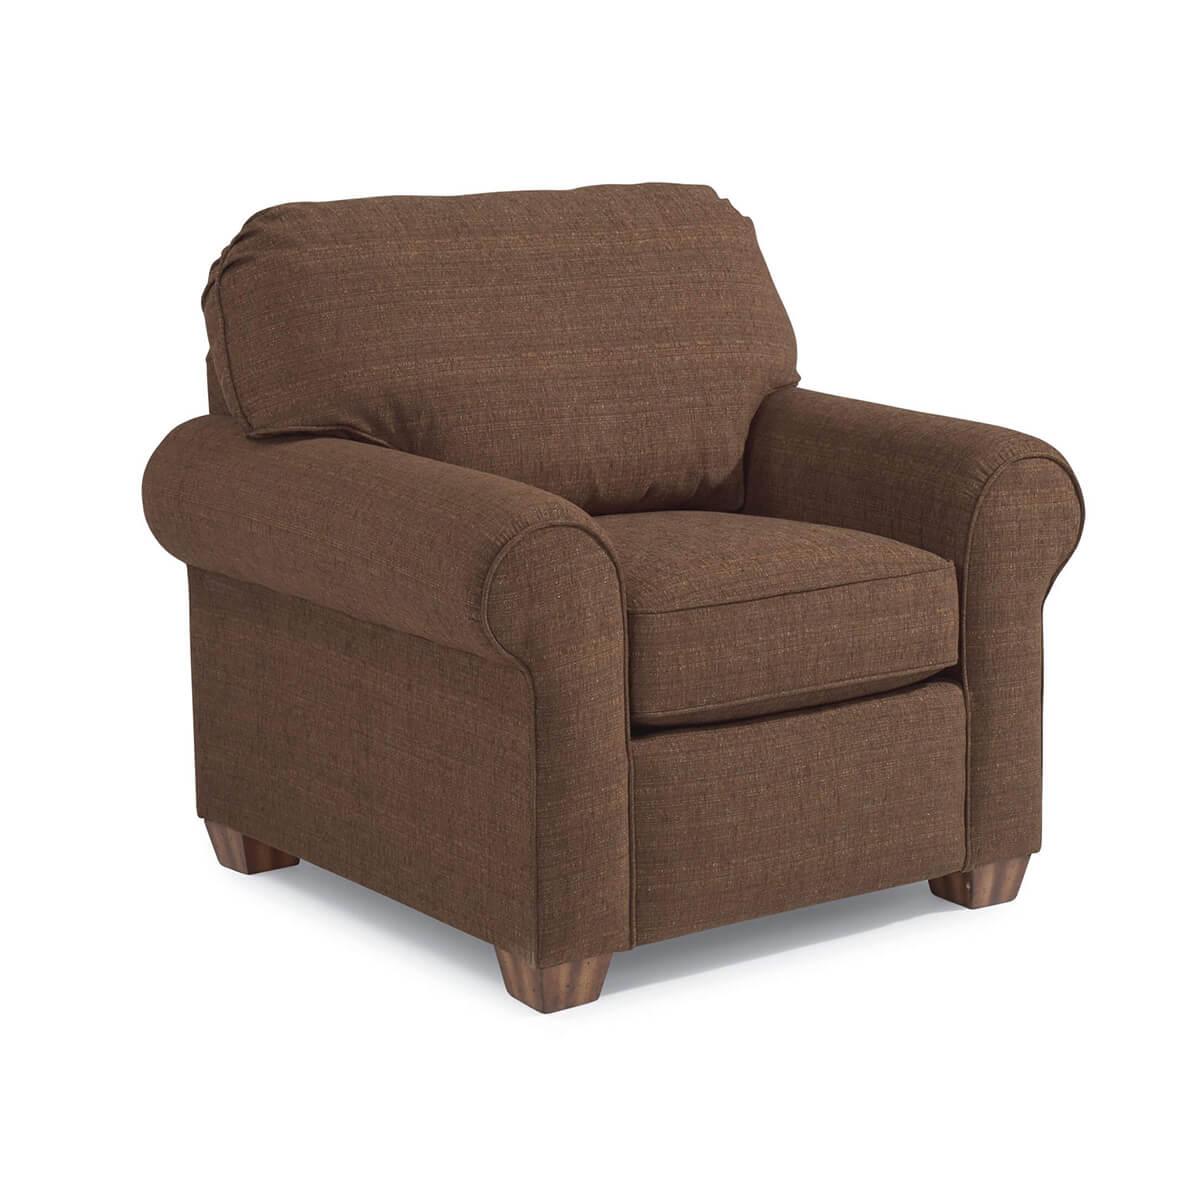 Thornton Chair New